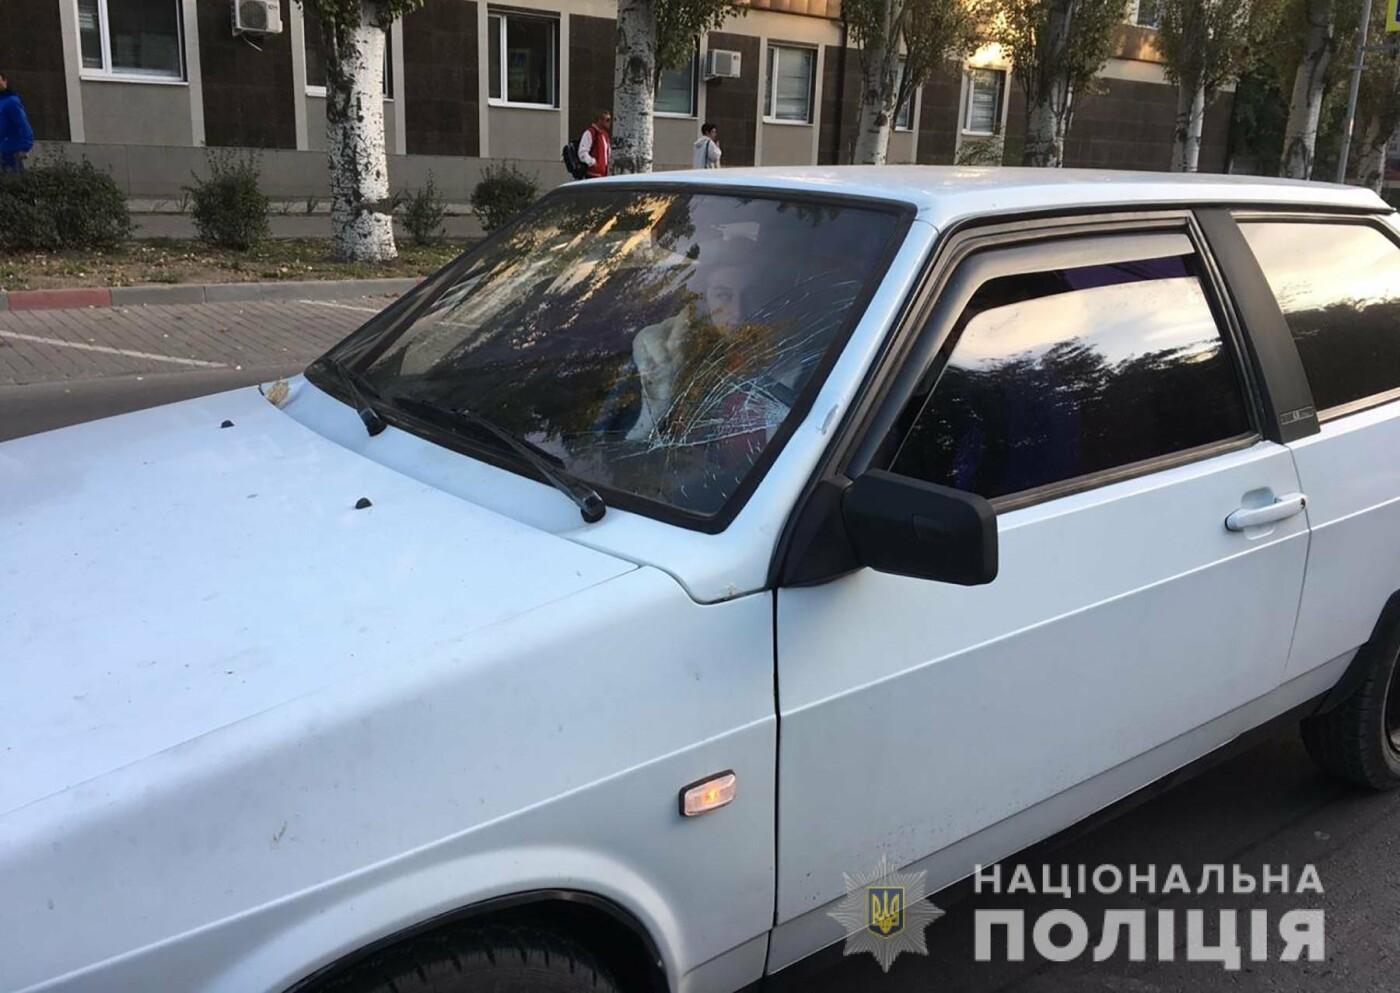 В Мелитополе водитель сбил девочку на пешеходном переходе, - ФОТО, фото-2